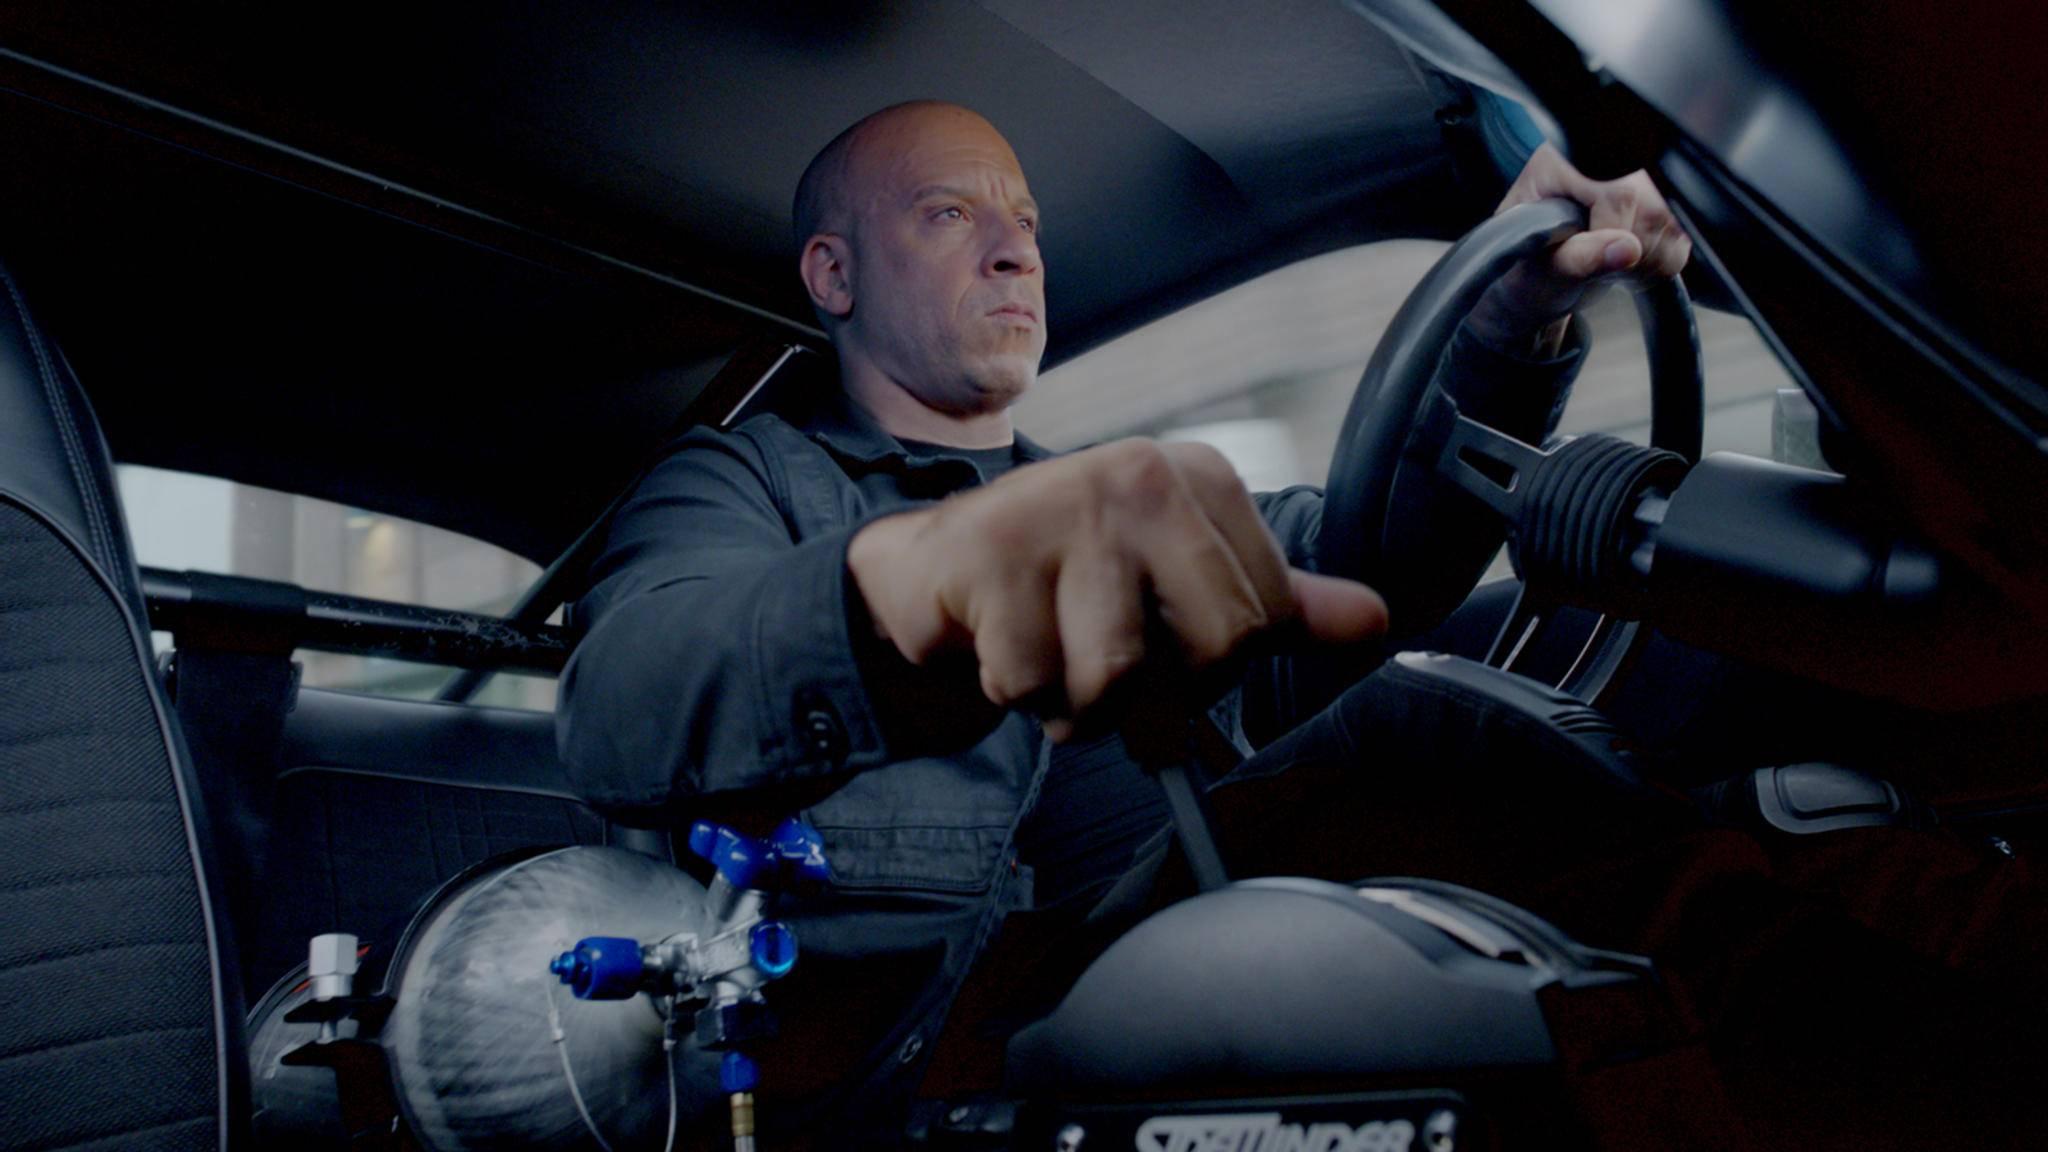 """Vin Diesel gibt in """"Fast & Furious 8"""" wieder Vollgas. Fans rund um den Globus belohnten das mit einem Einnahmenrekord zum Kinostart."""